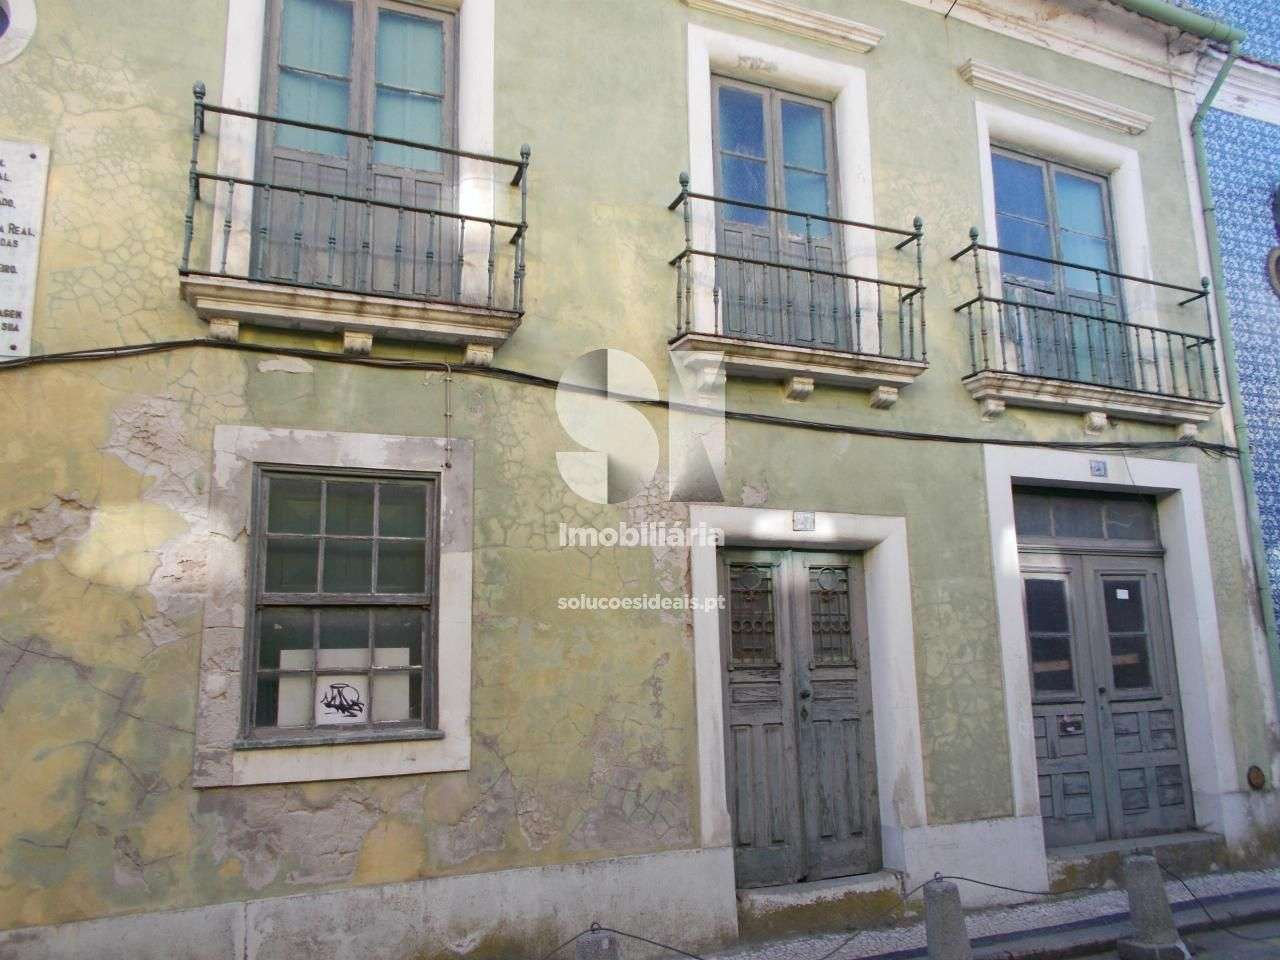 Prédio para comprar, Glória e Vera Cruz, Aveiro - Foto 1